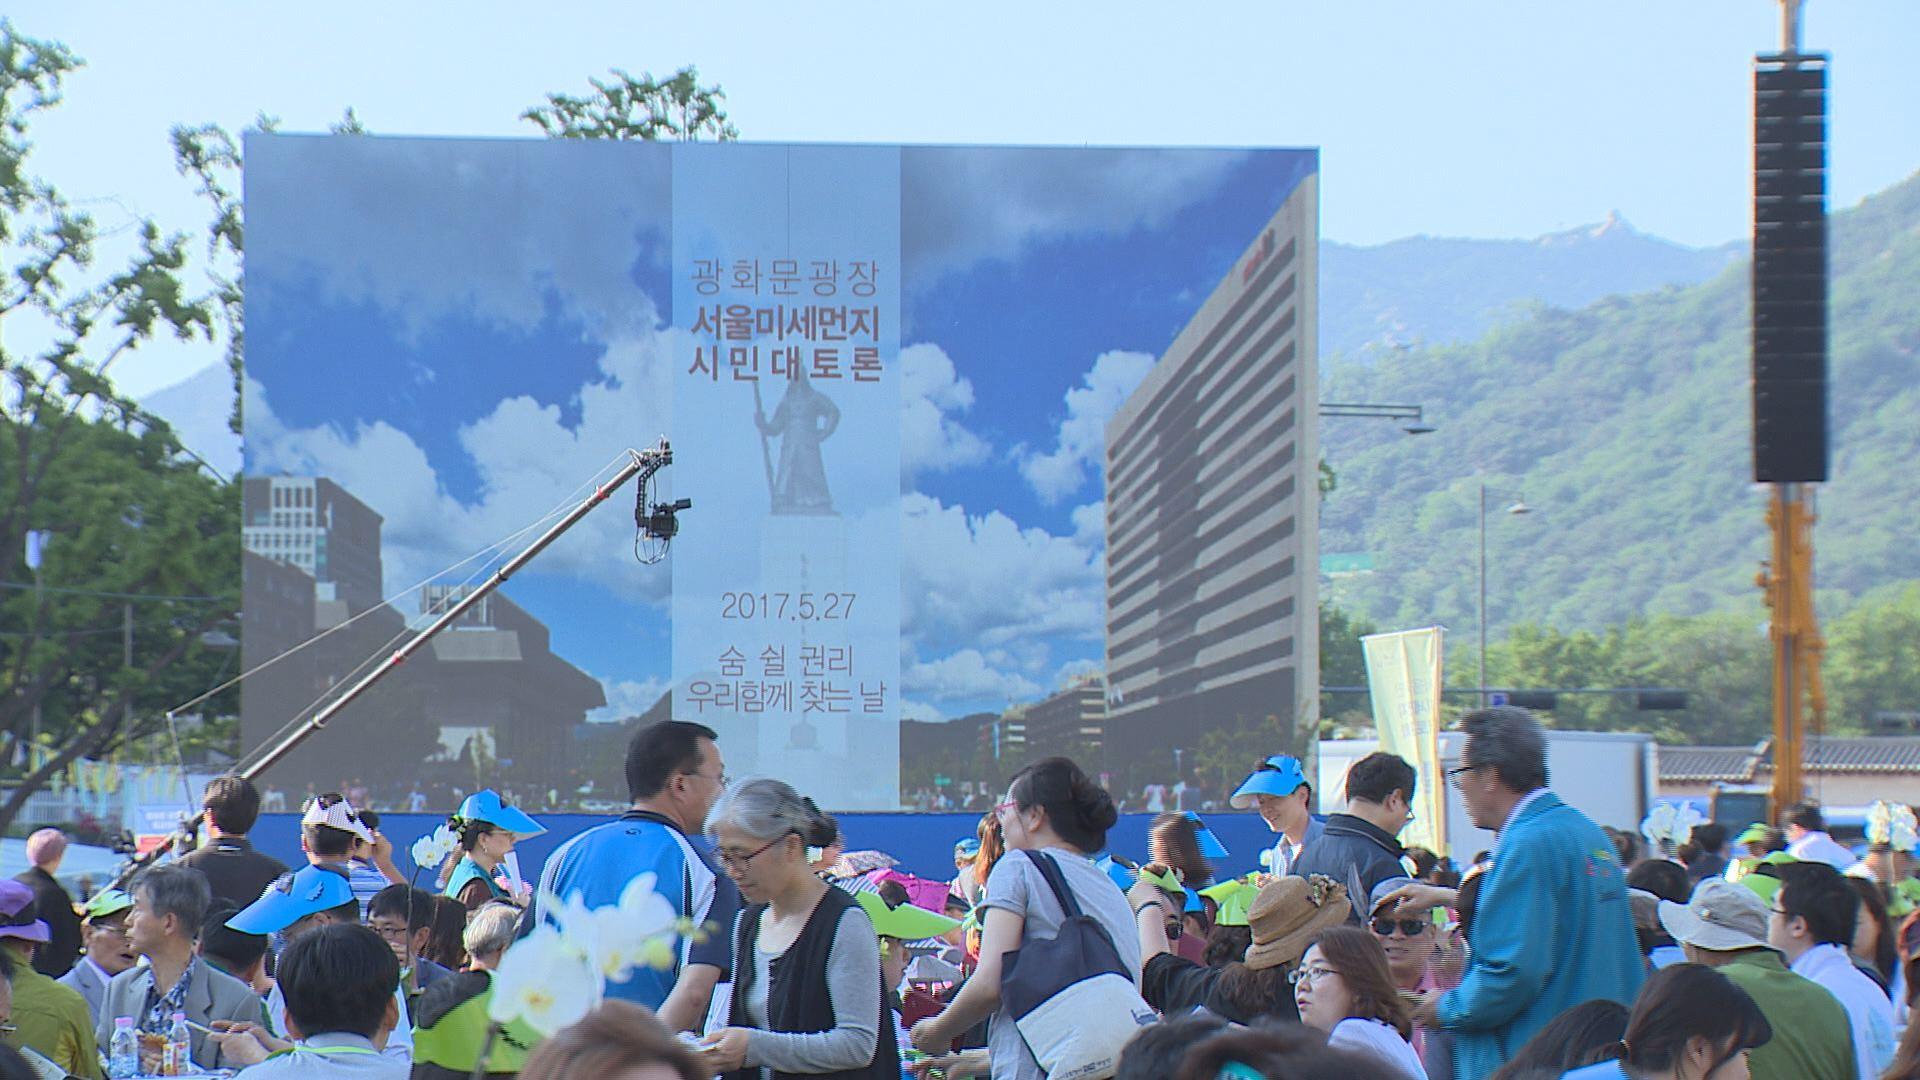 3천 시민 참여한 '미세먼지 토론회' 열려